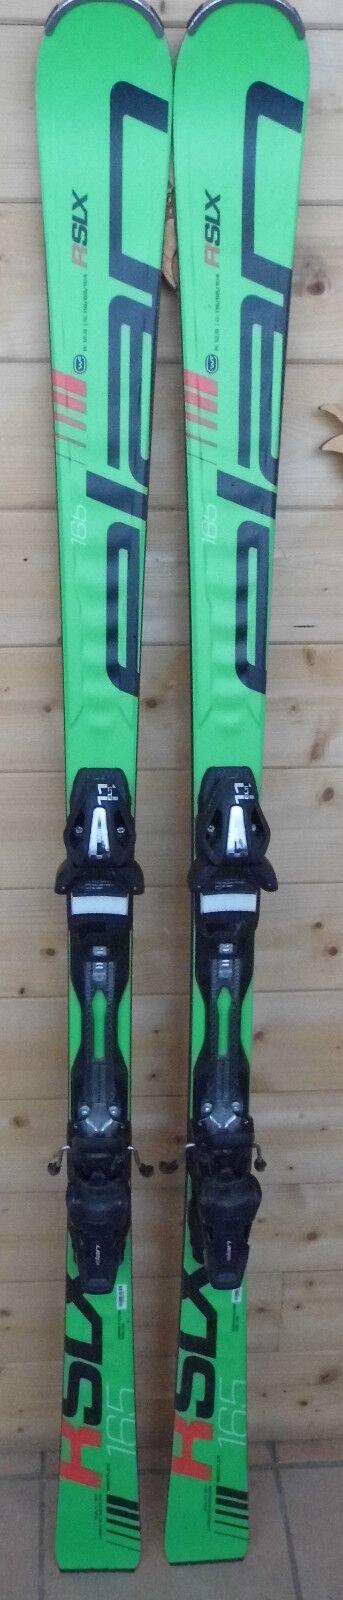 Esquís Nuevo ELAN RSLX - Temporada 2016 - 155cm & 165cm